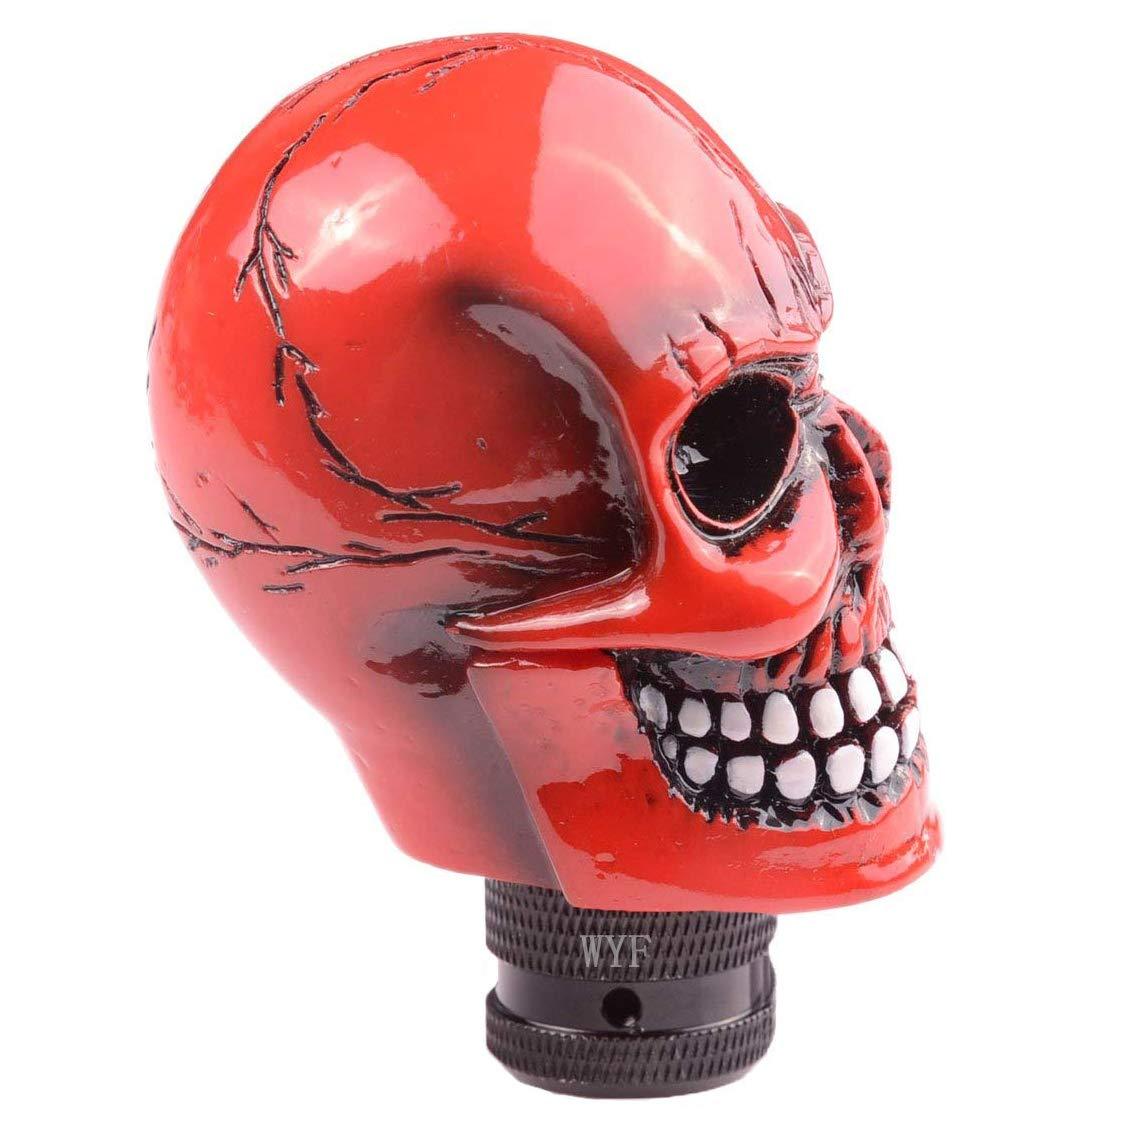 Rot WYF Schaltknauf Sch/ädel Schaltkn/üppel Skull Totenkopf Gie/ßSchaltknauf Schaltknauf WYF Universal Schaltknauf Sch/ädel Schaltkn/üppel Skull Totenkopf Gie/ßharz Gear Shifter Knob